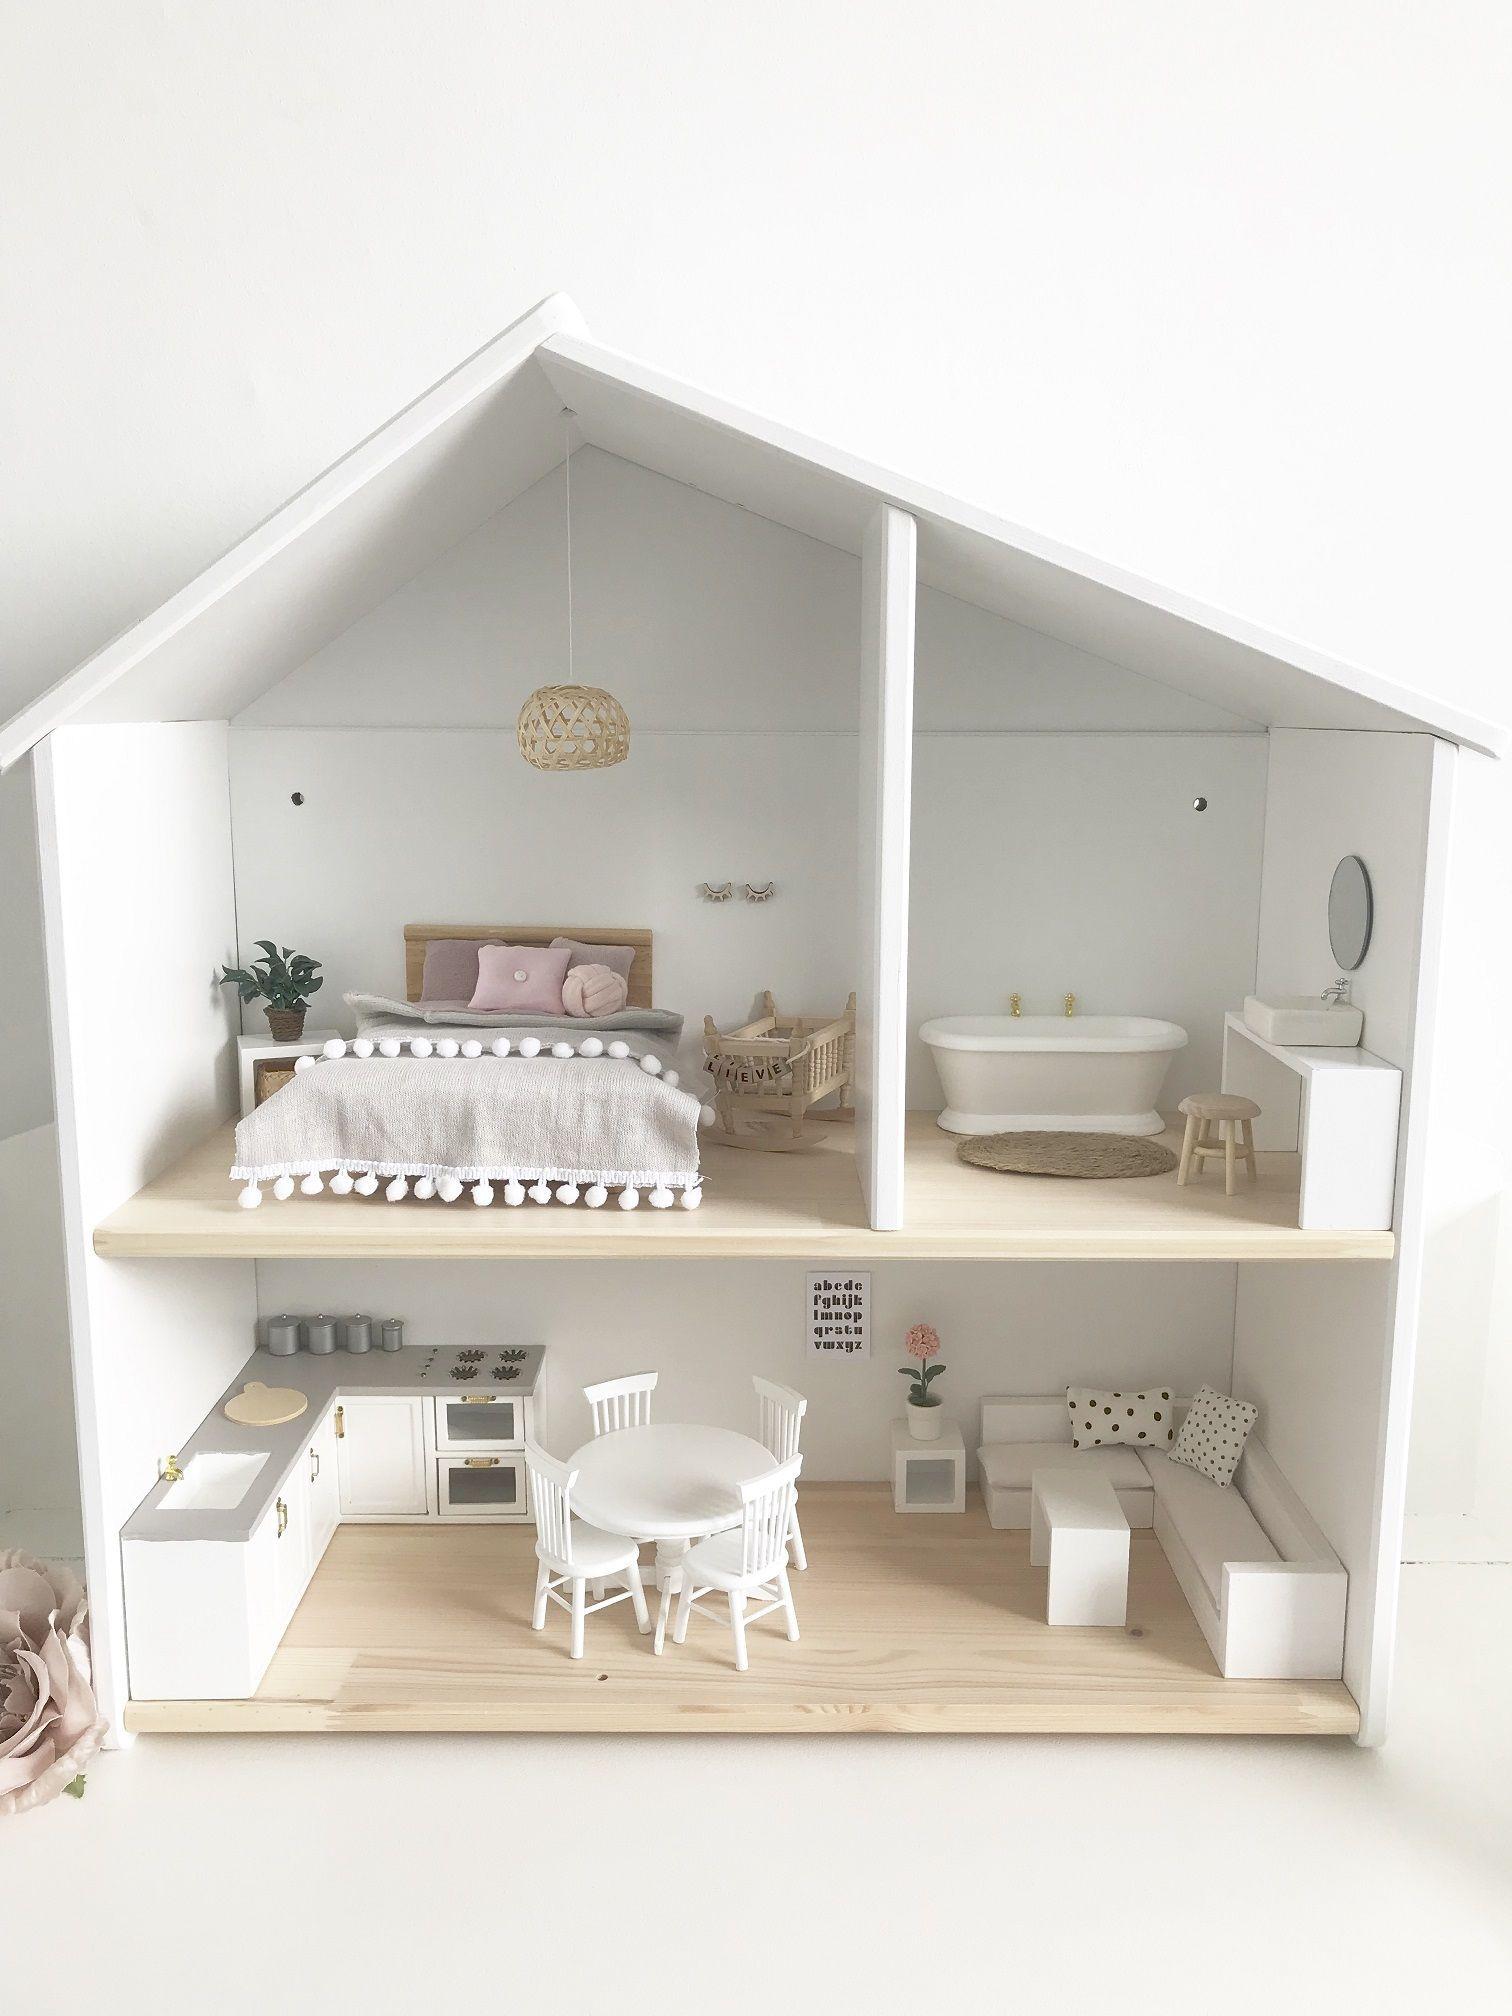 Casa de muñecas en miniatura 1//12th Escala baking//serving Bandeja Varios Diseños